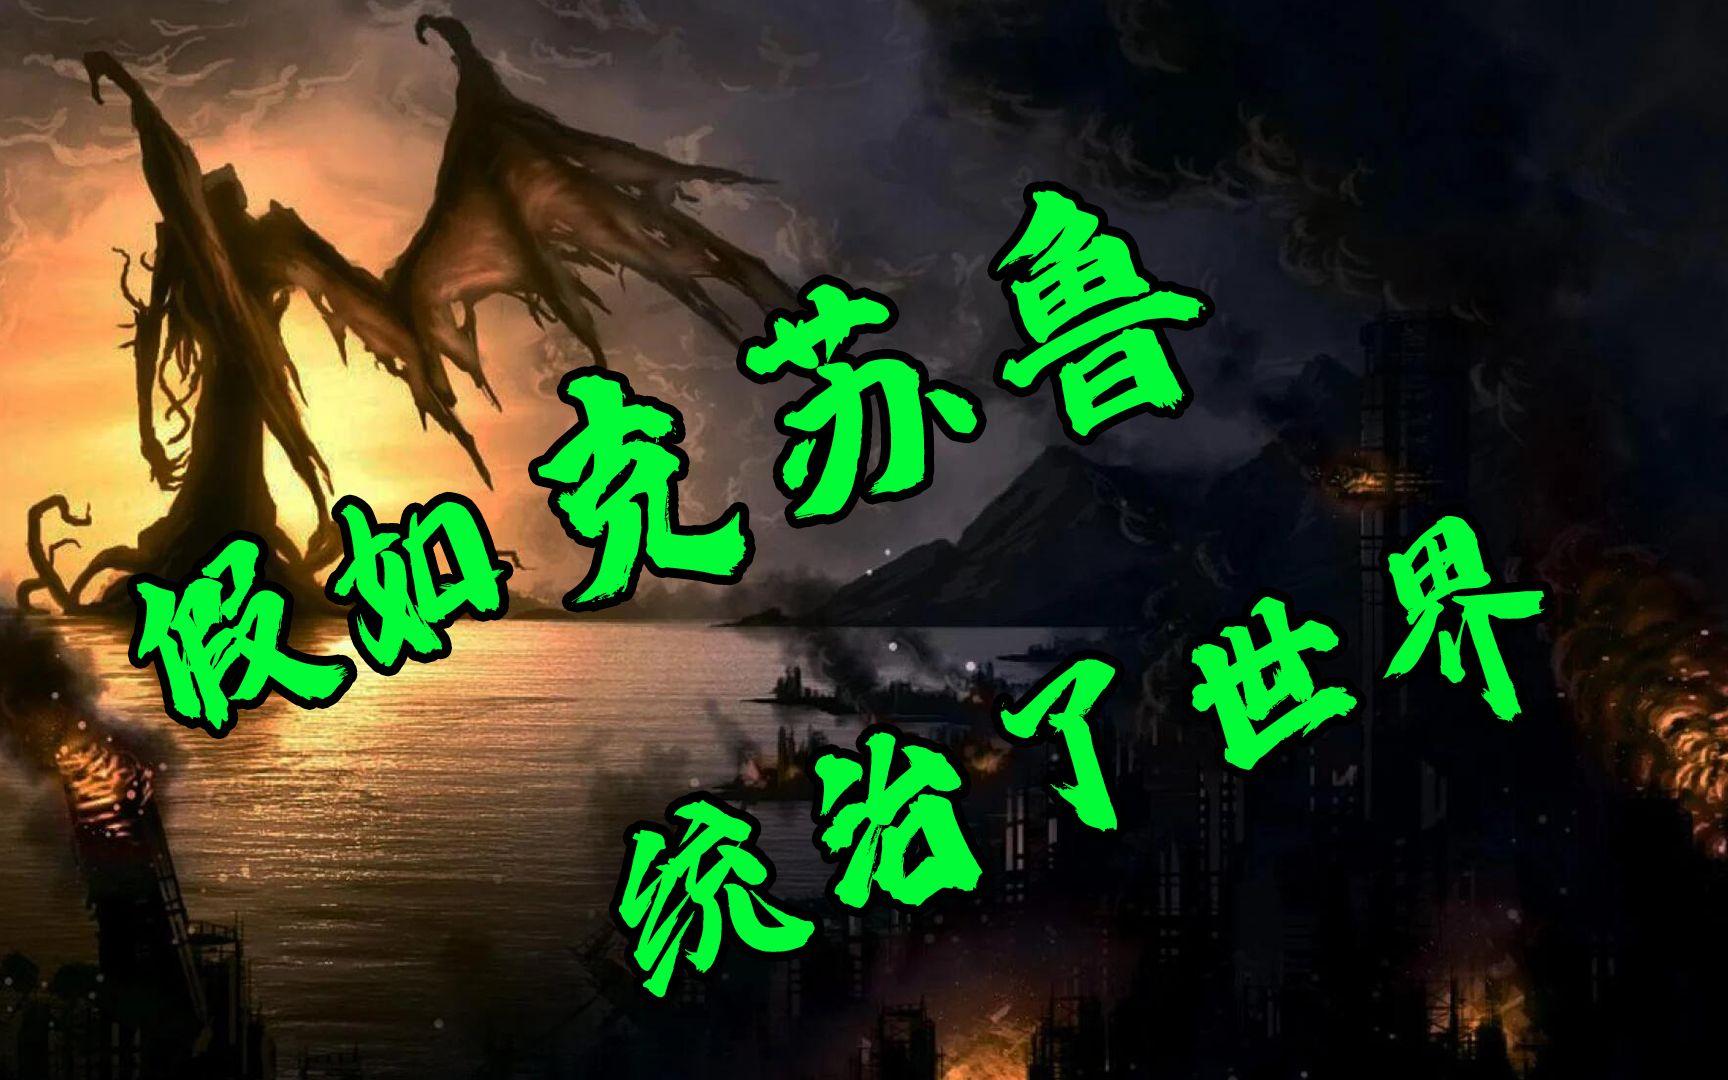 【小黑桌游】假如克苏鲁统治世界?—澳洲天劫世界观介绍